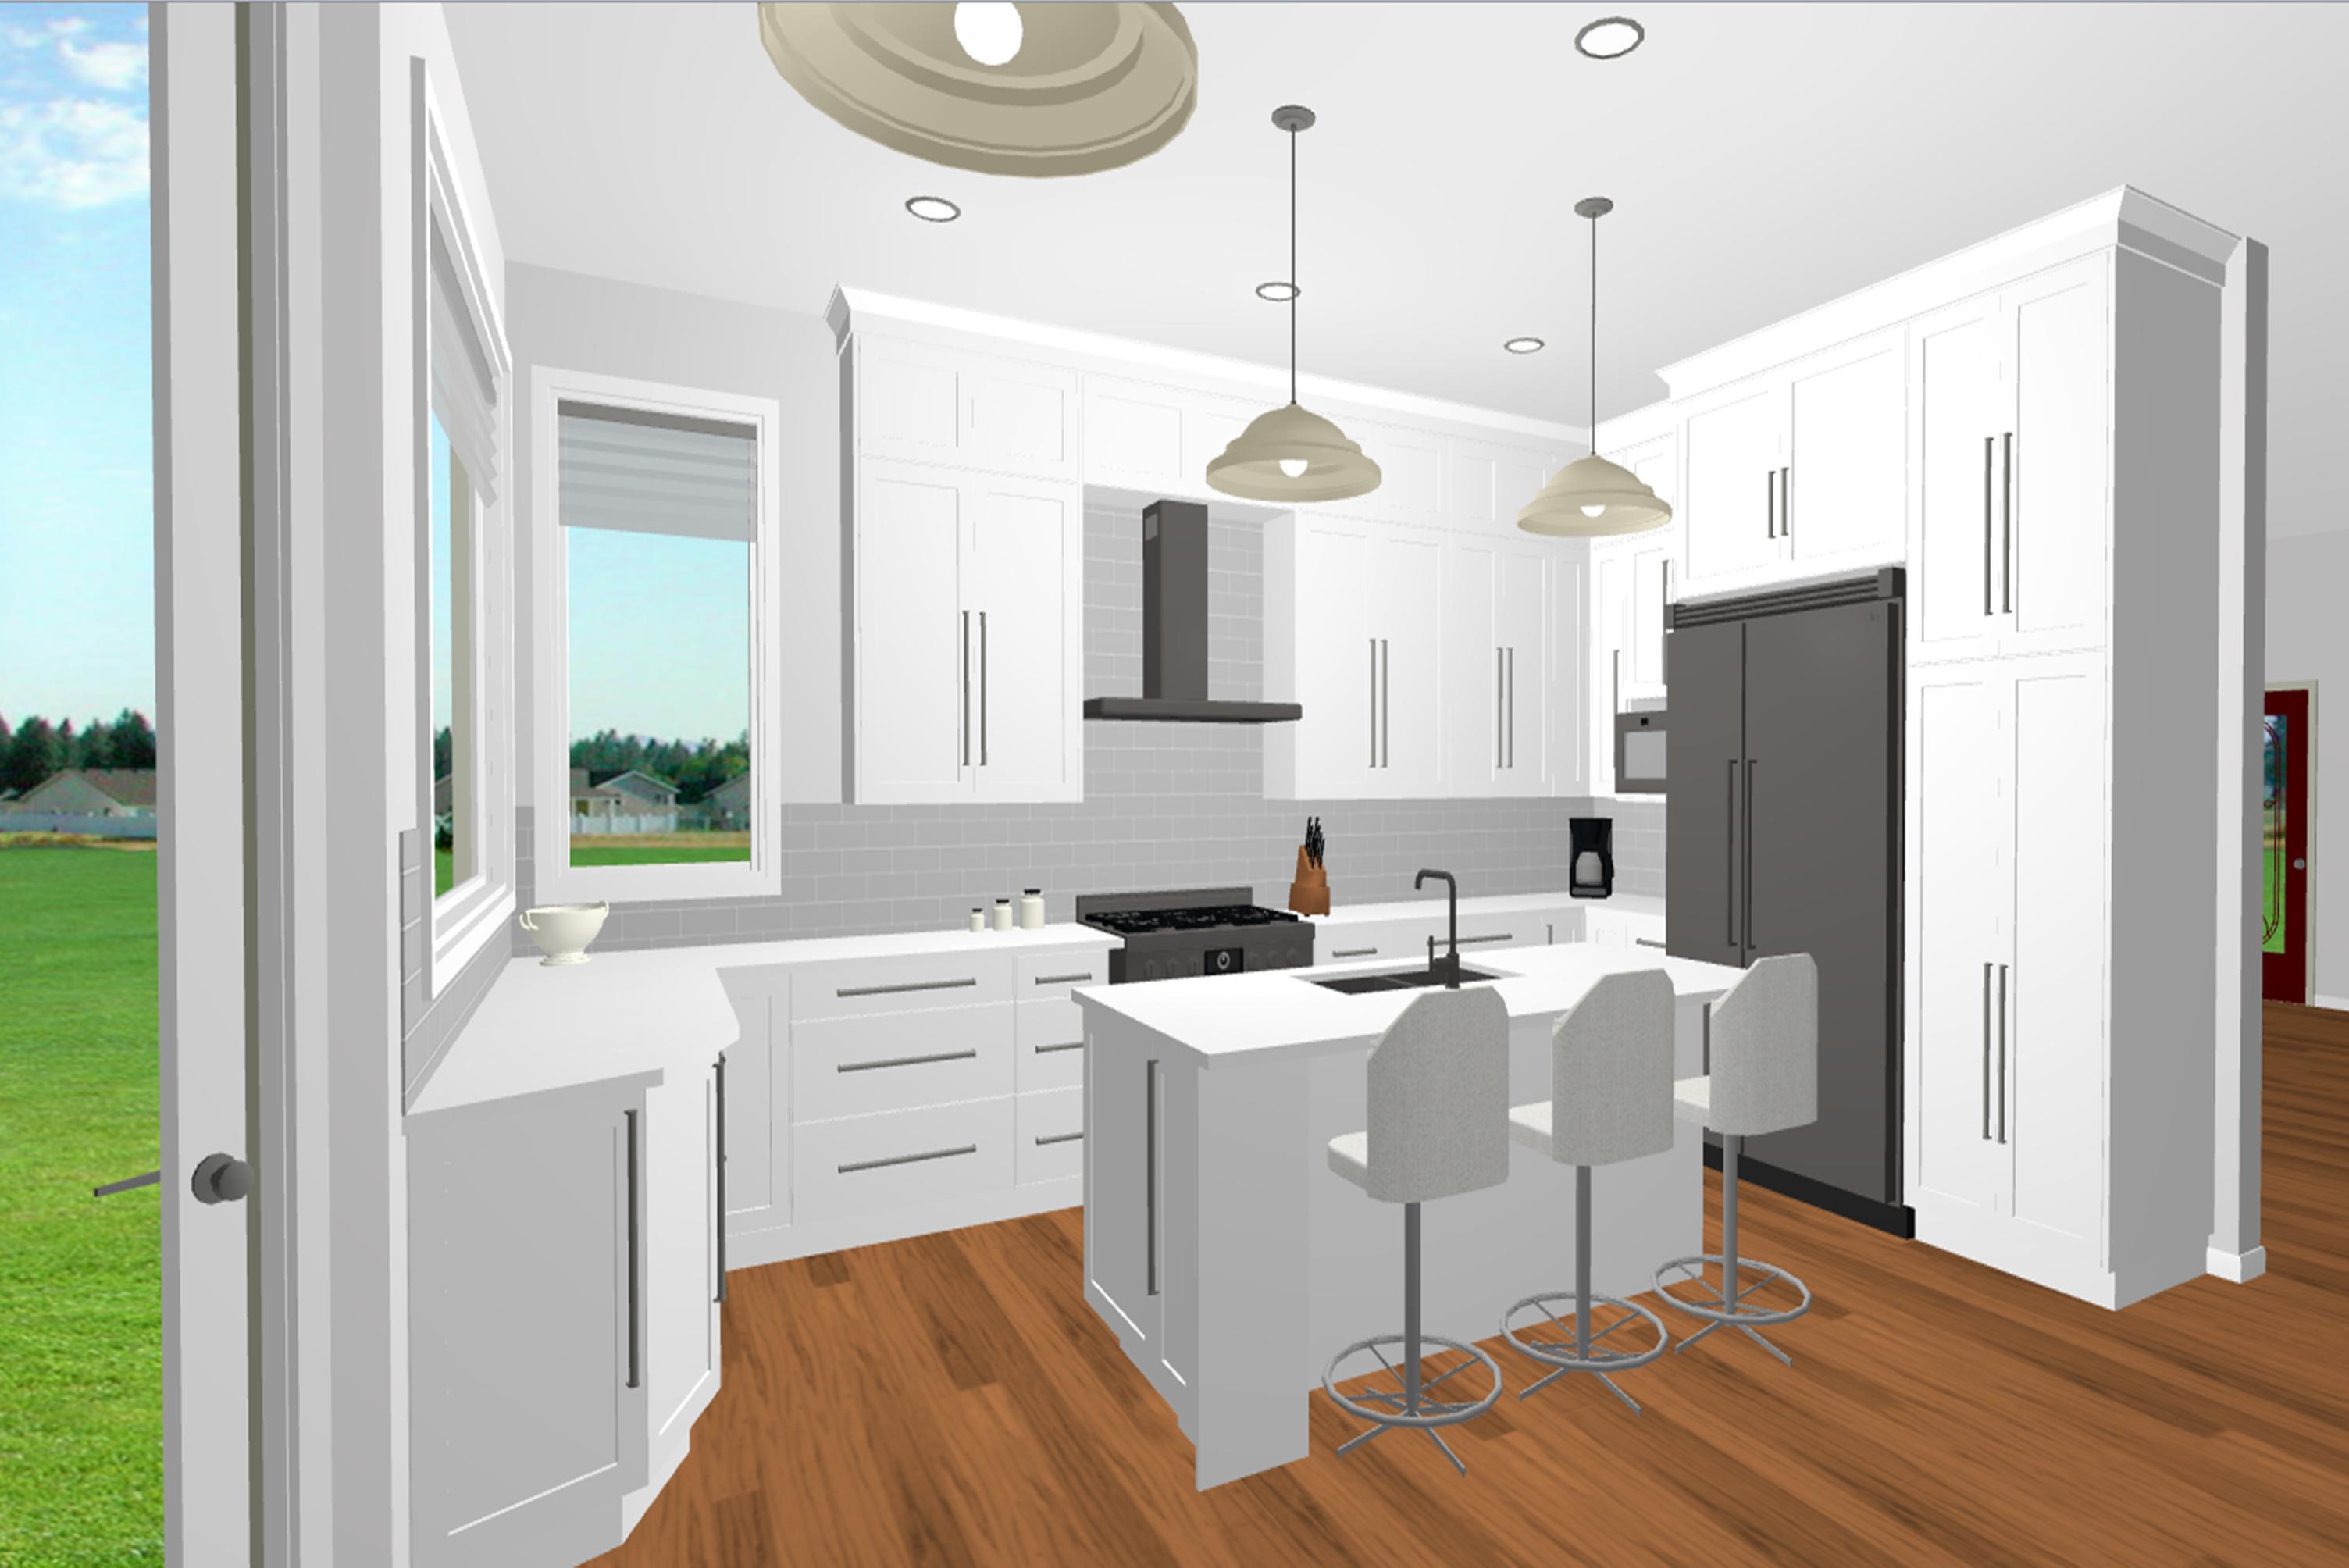 https://artisankitchens.ca/wp-content/uploads/2018/08/Artisan-Kitchens_Virtual-Reno-1.png